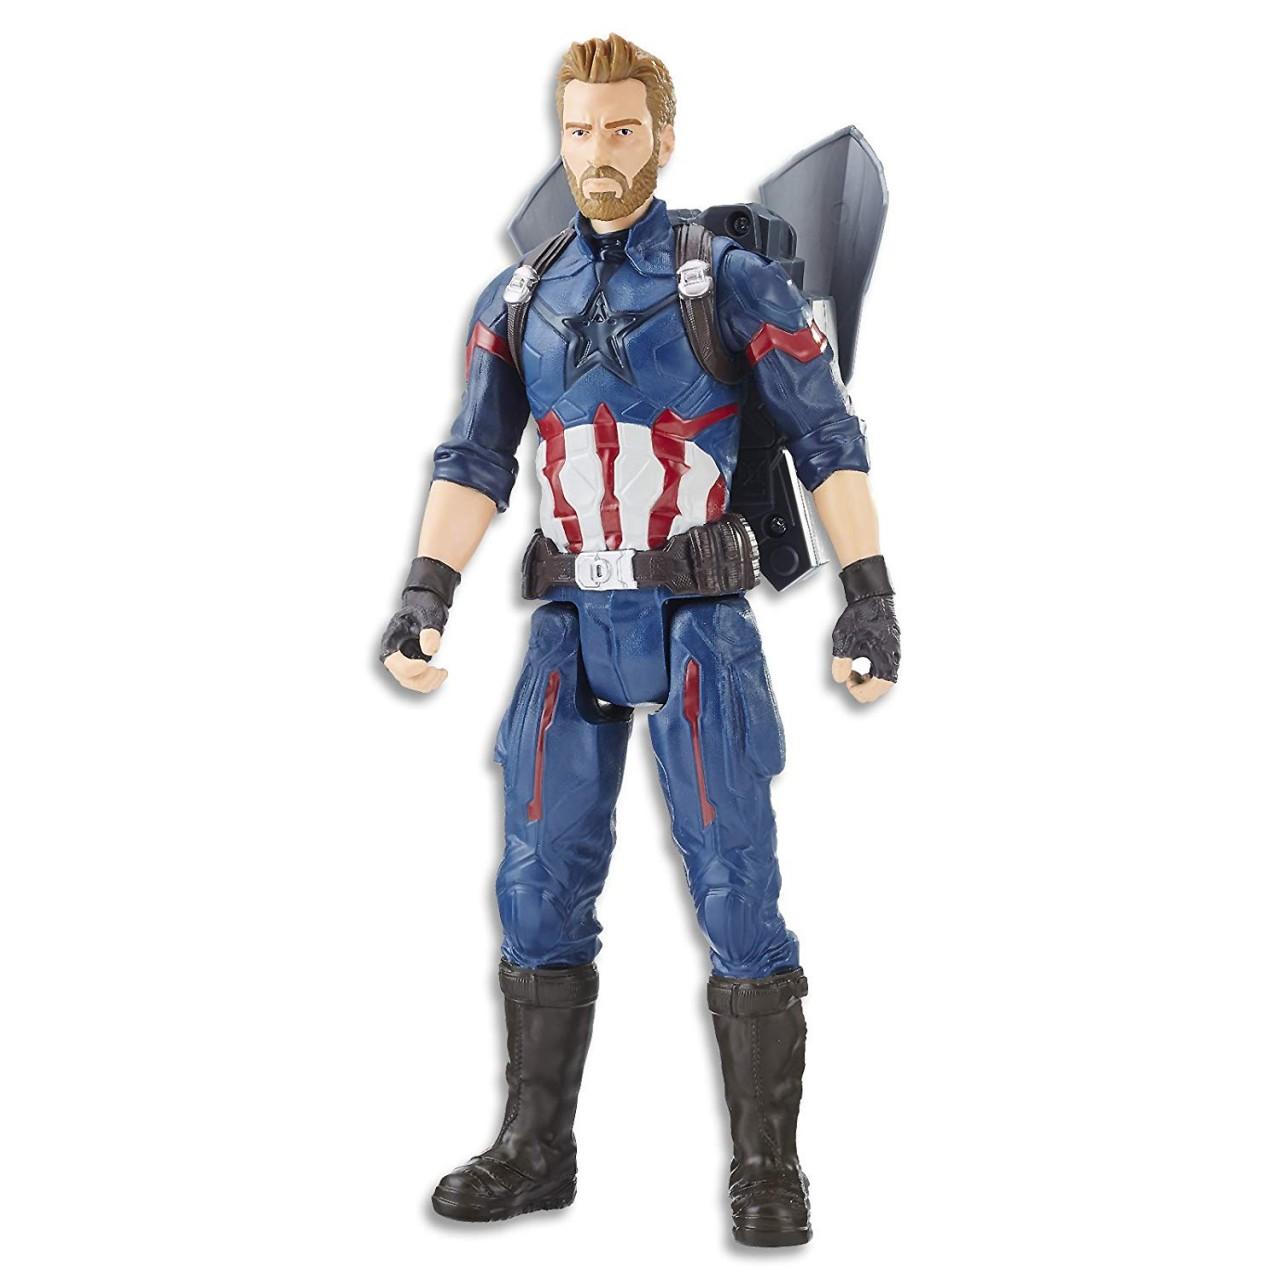 """Интерактивная фигурка Капитан Америка (E0607) """"Мстители: Война бесконечности"""" серия Titan Hero Power FX Port"""